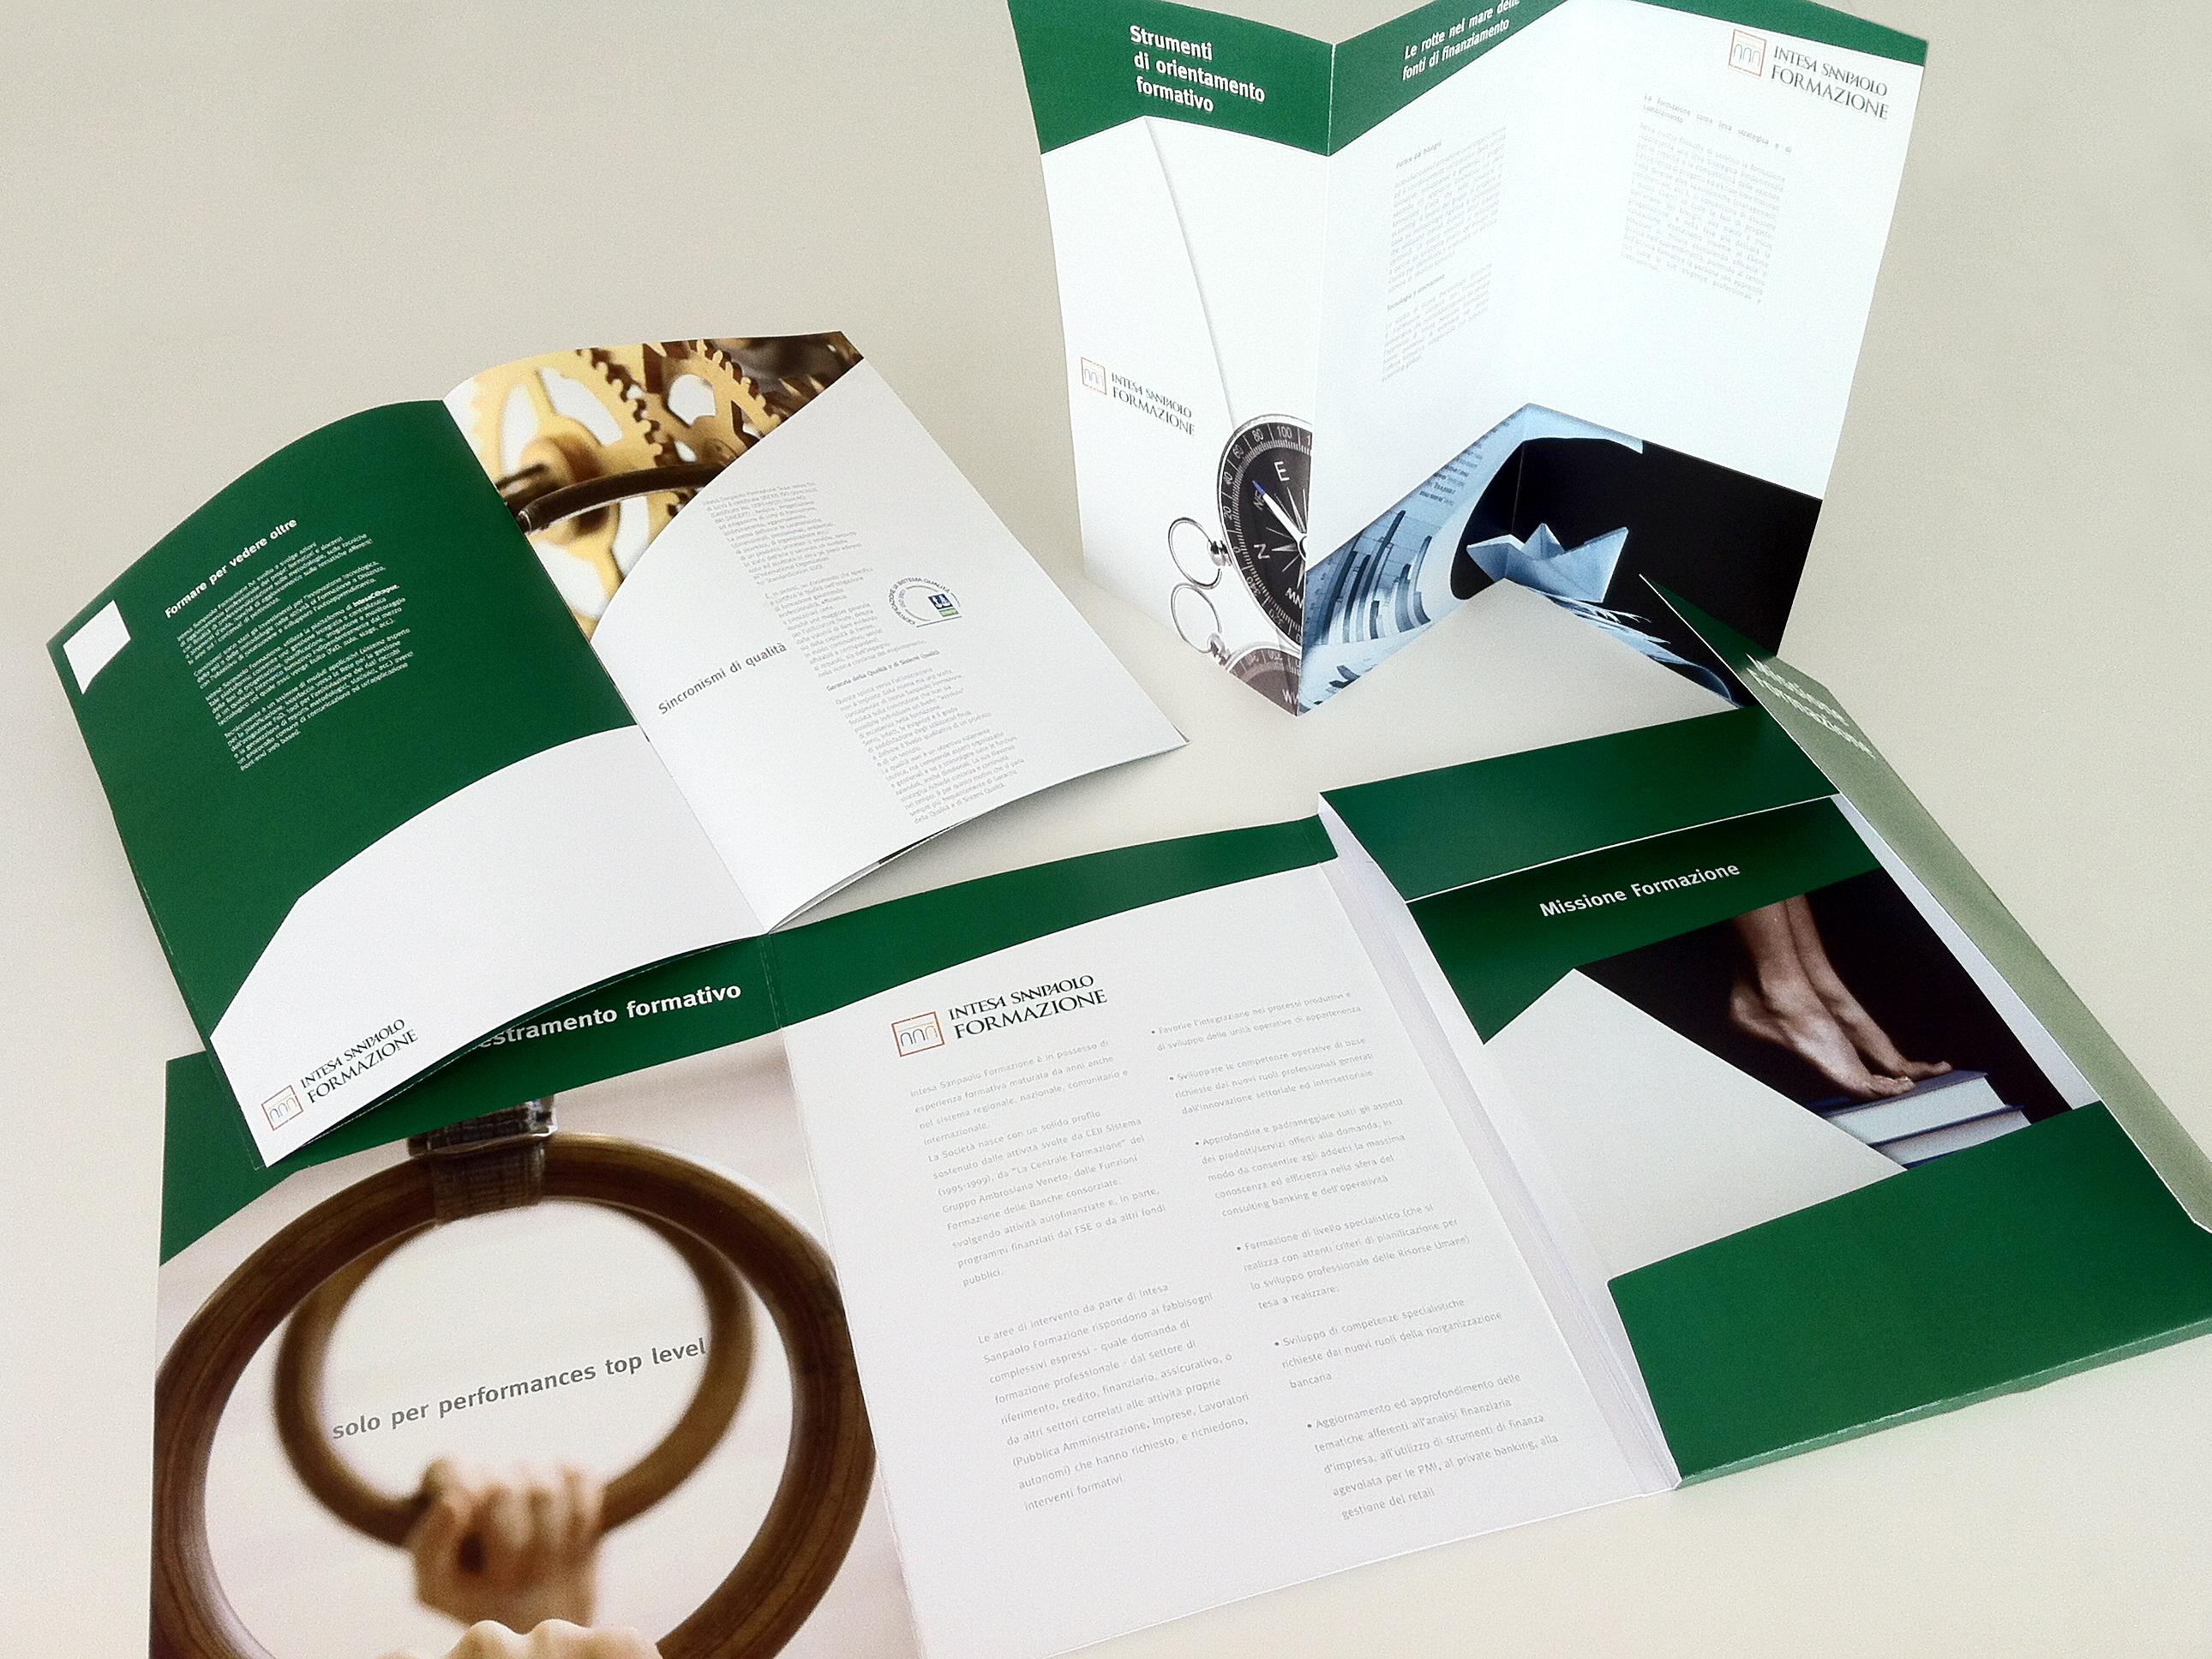 Materiale promozionale per Intesa SanPaolo formazione